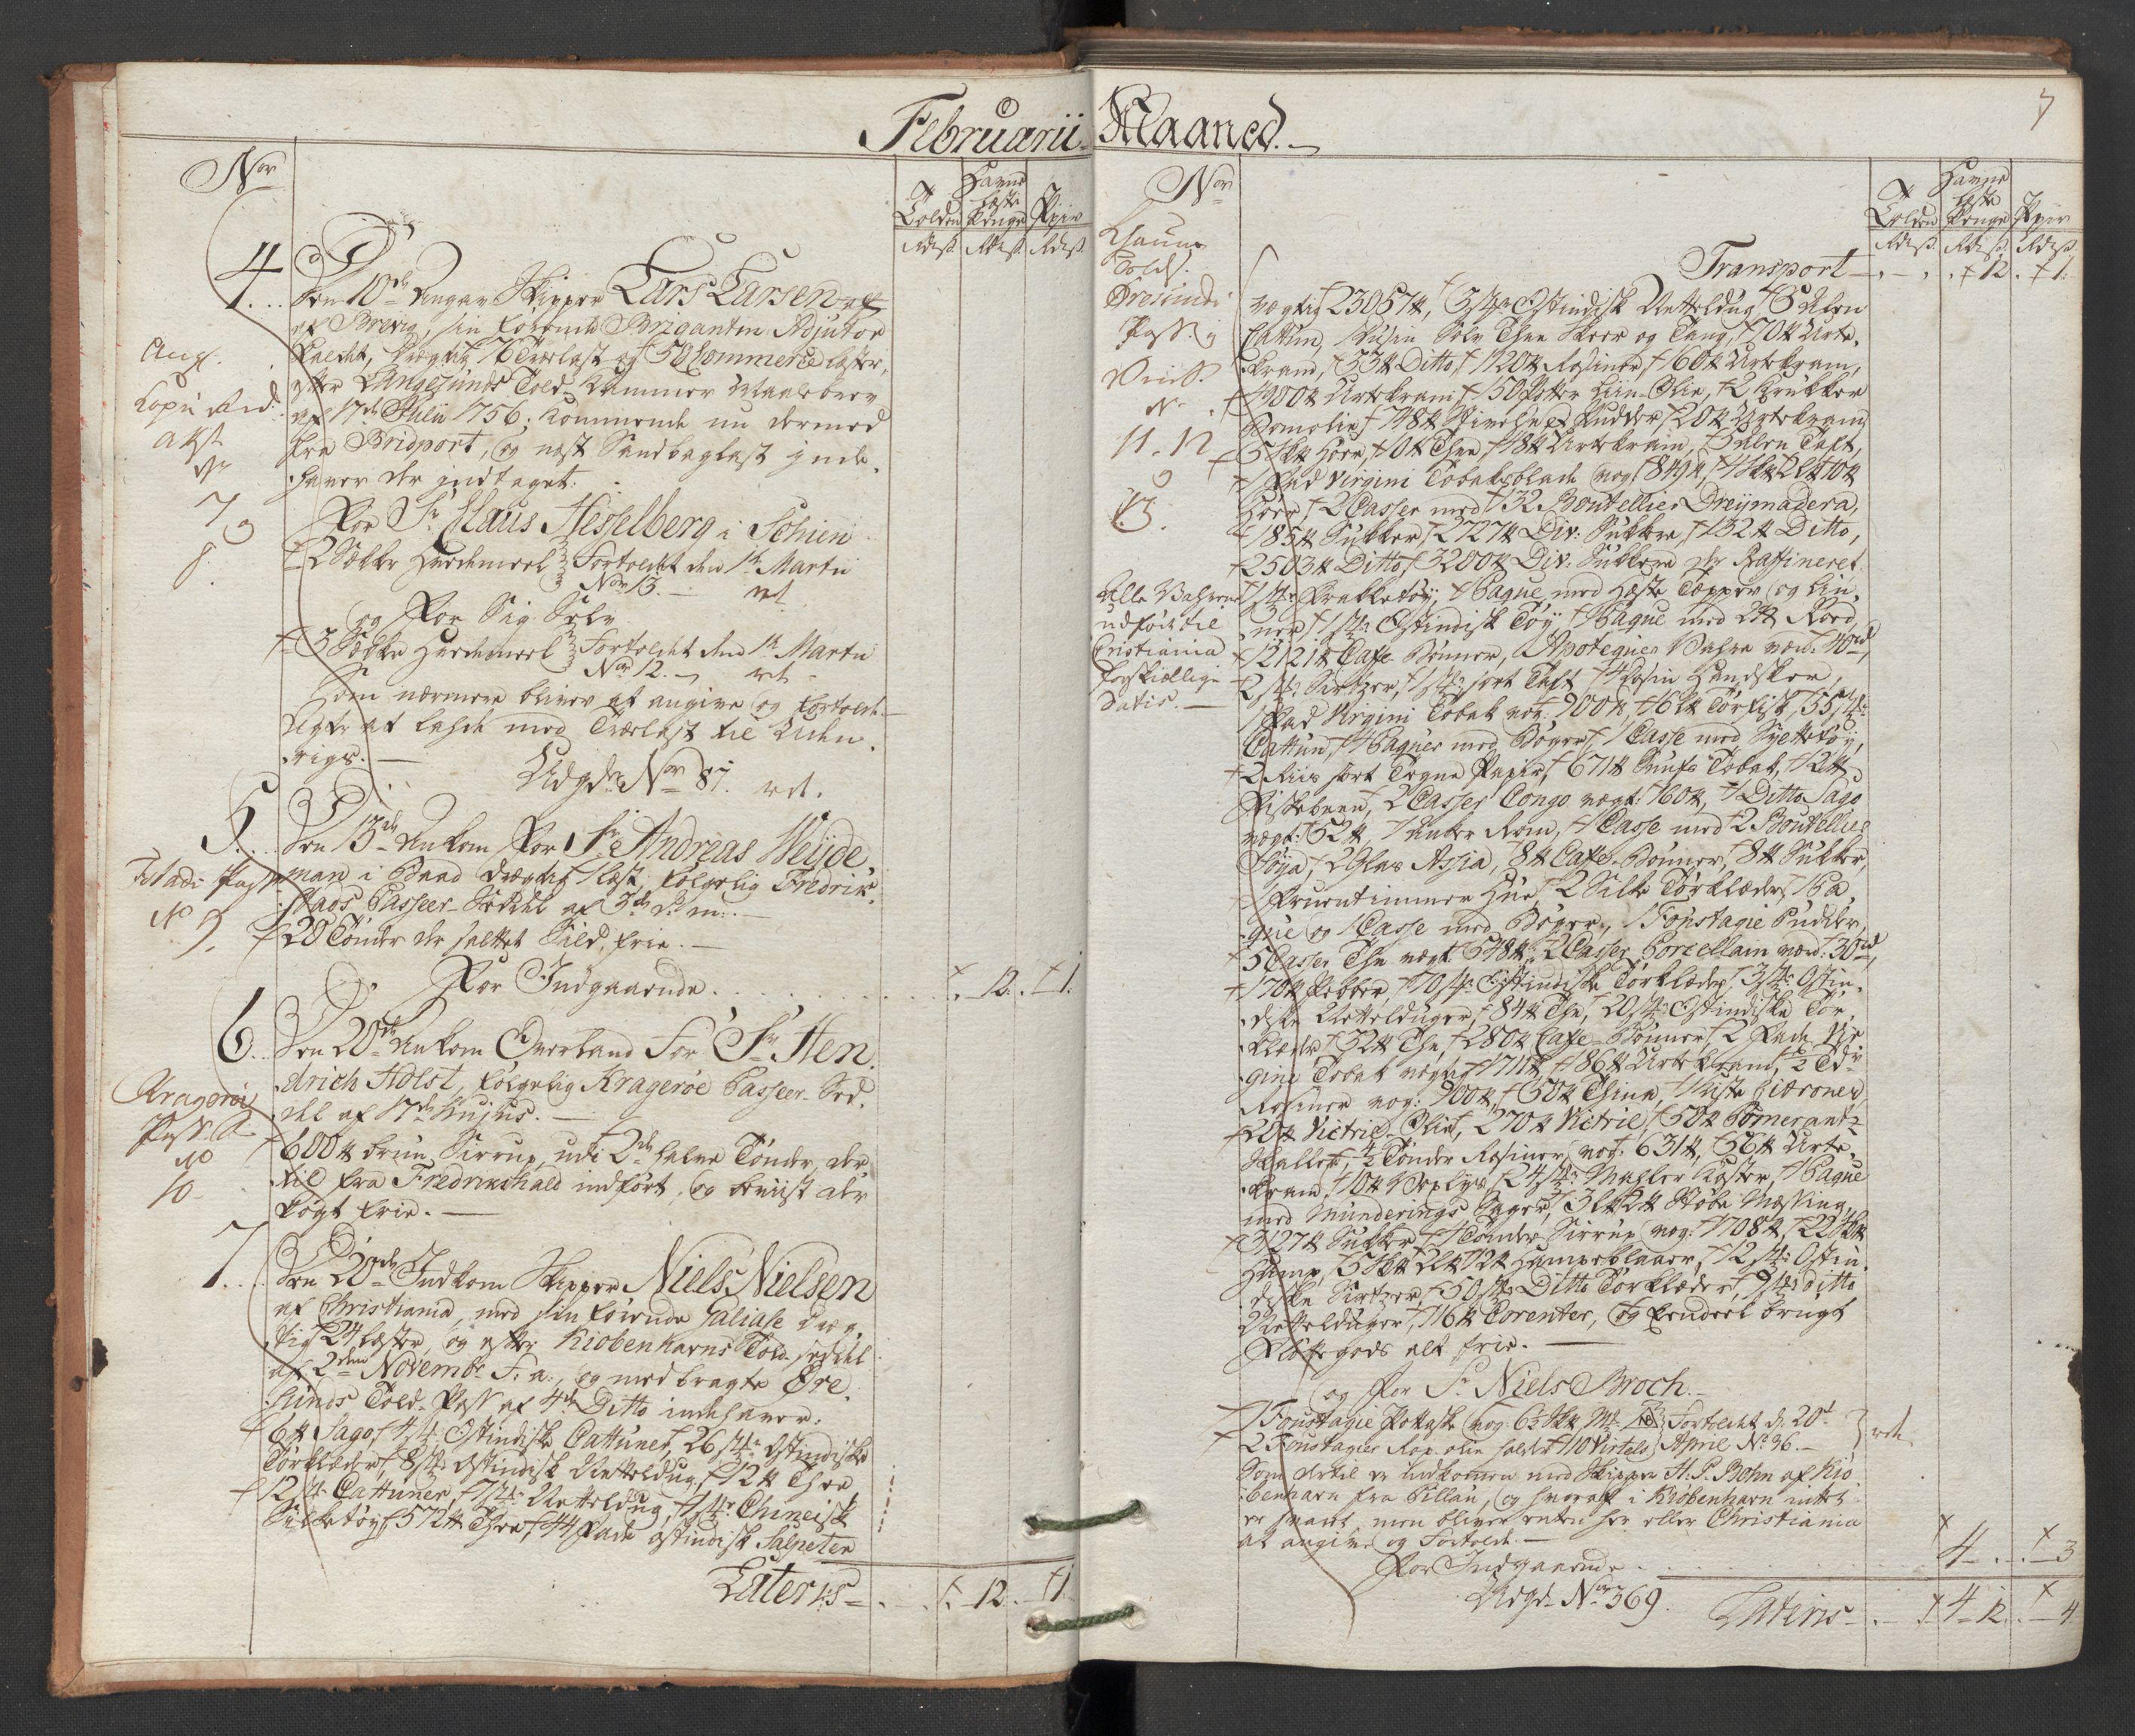 RA, Generaltollkammeret, tollregnskaper, R12/L0118: Tollregnskaper Langesund, 1786, p. 2b-3a